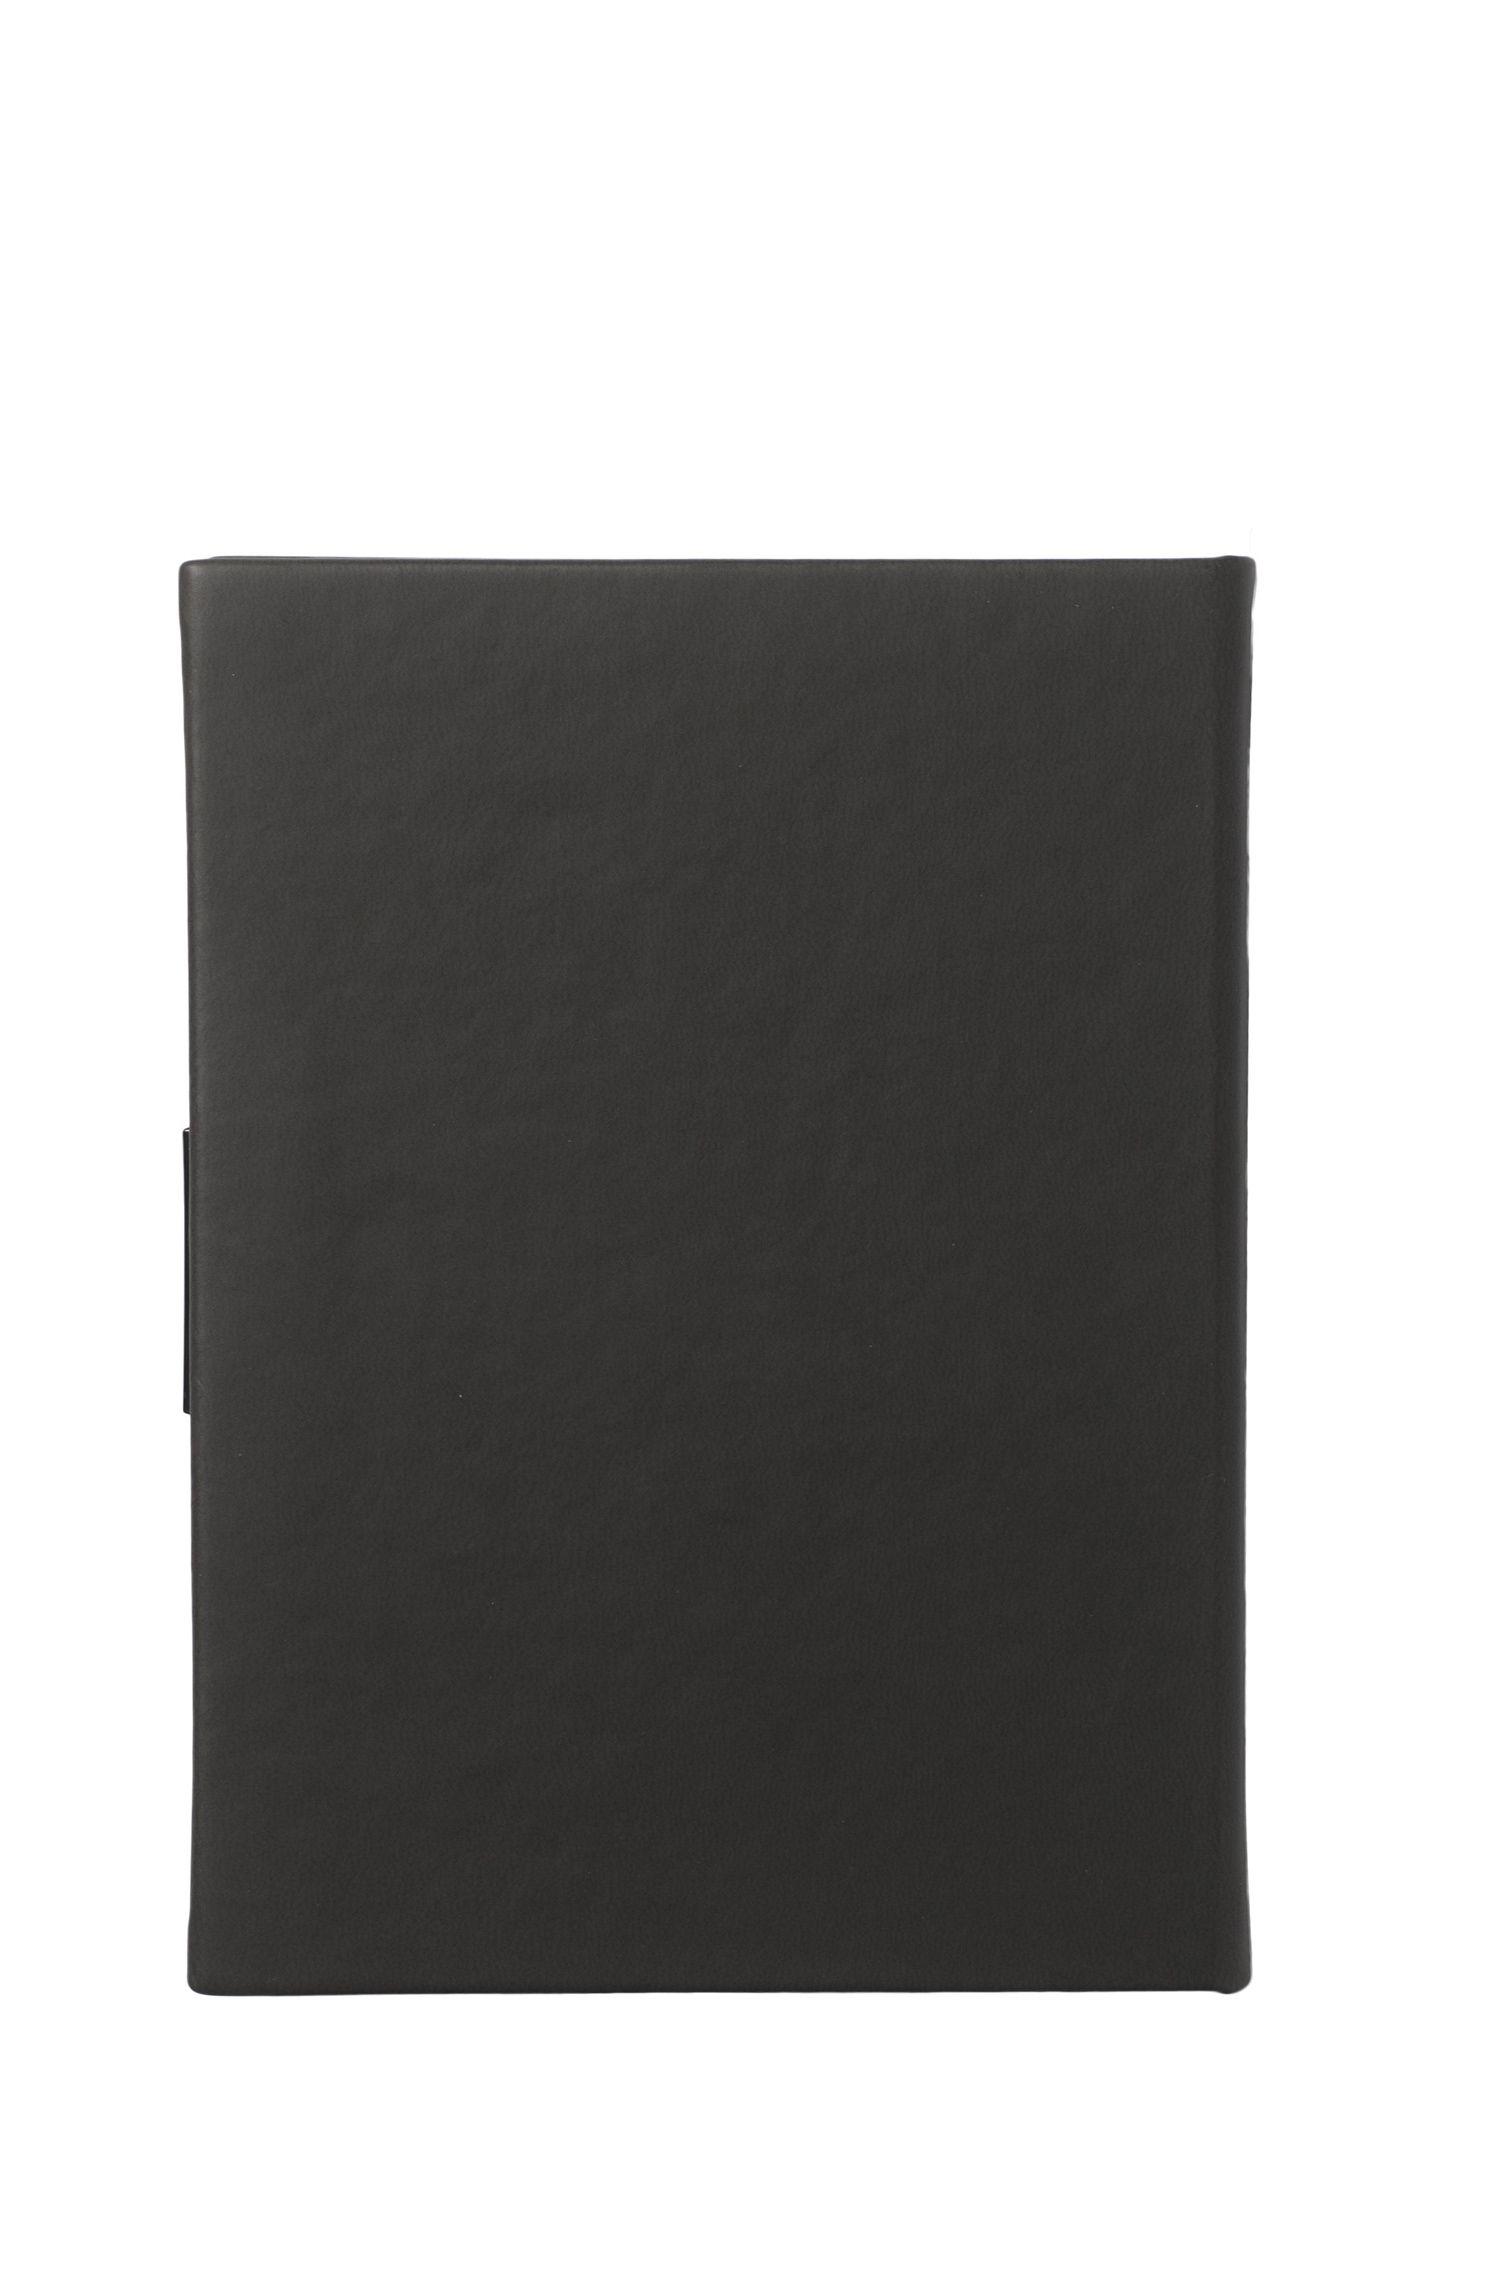 DIN A6 Notizbuch mit Click-Verschluss: 'New Loop'